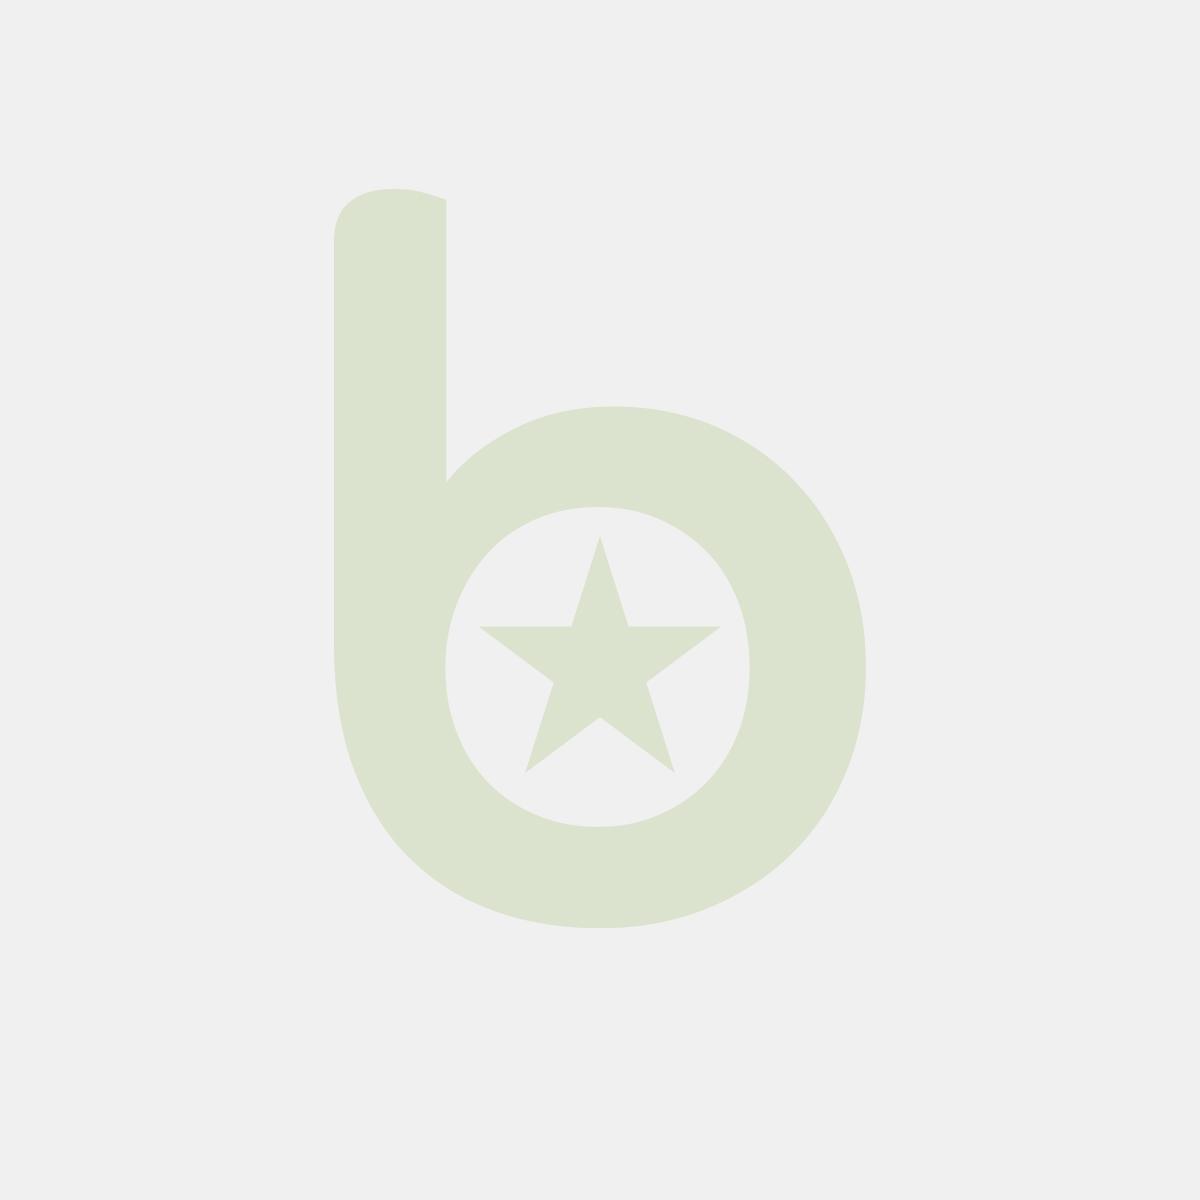 Pojemnik prostokątny bazbarwny KP-802 150ml PP, cena za opakowanie 100szt